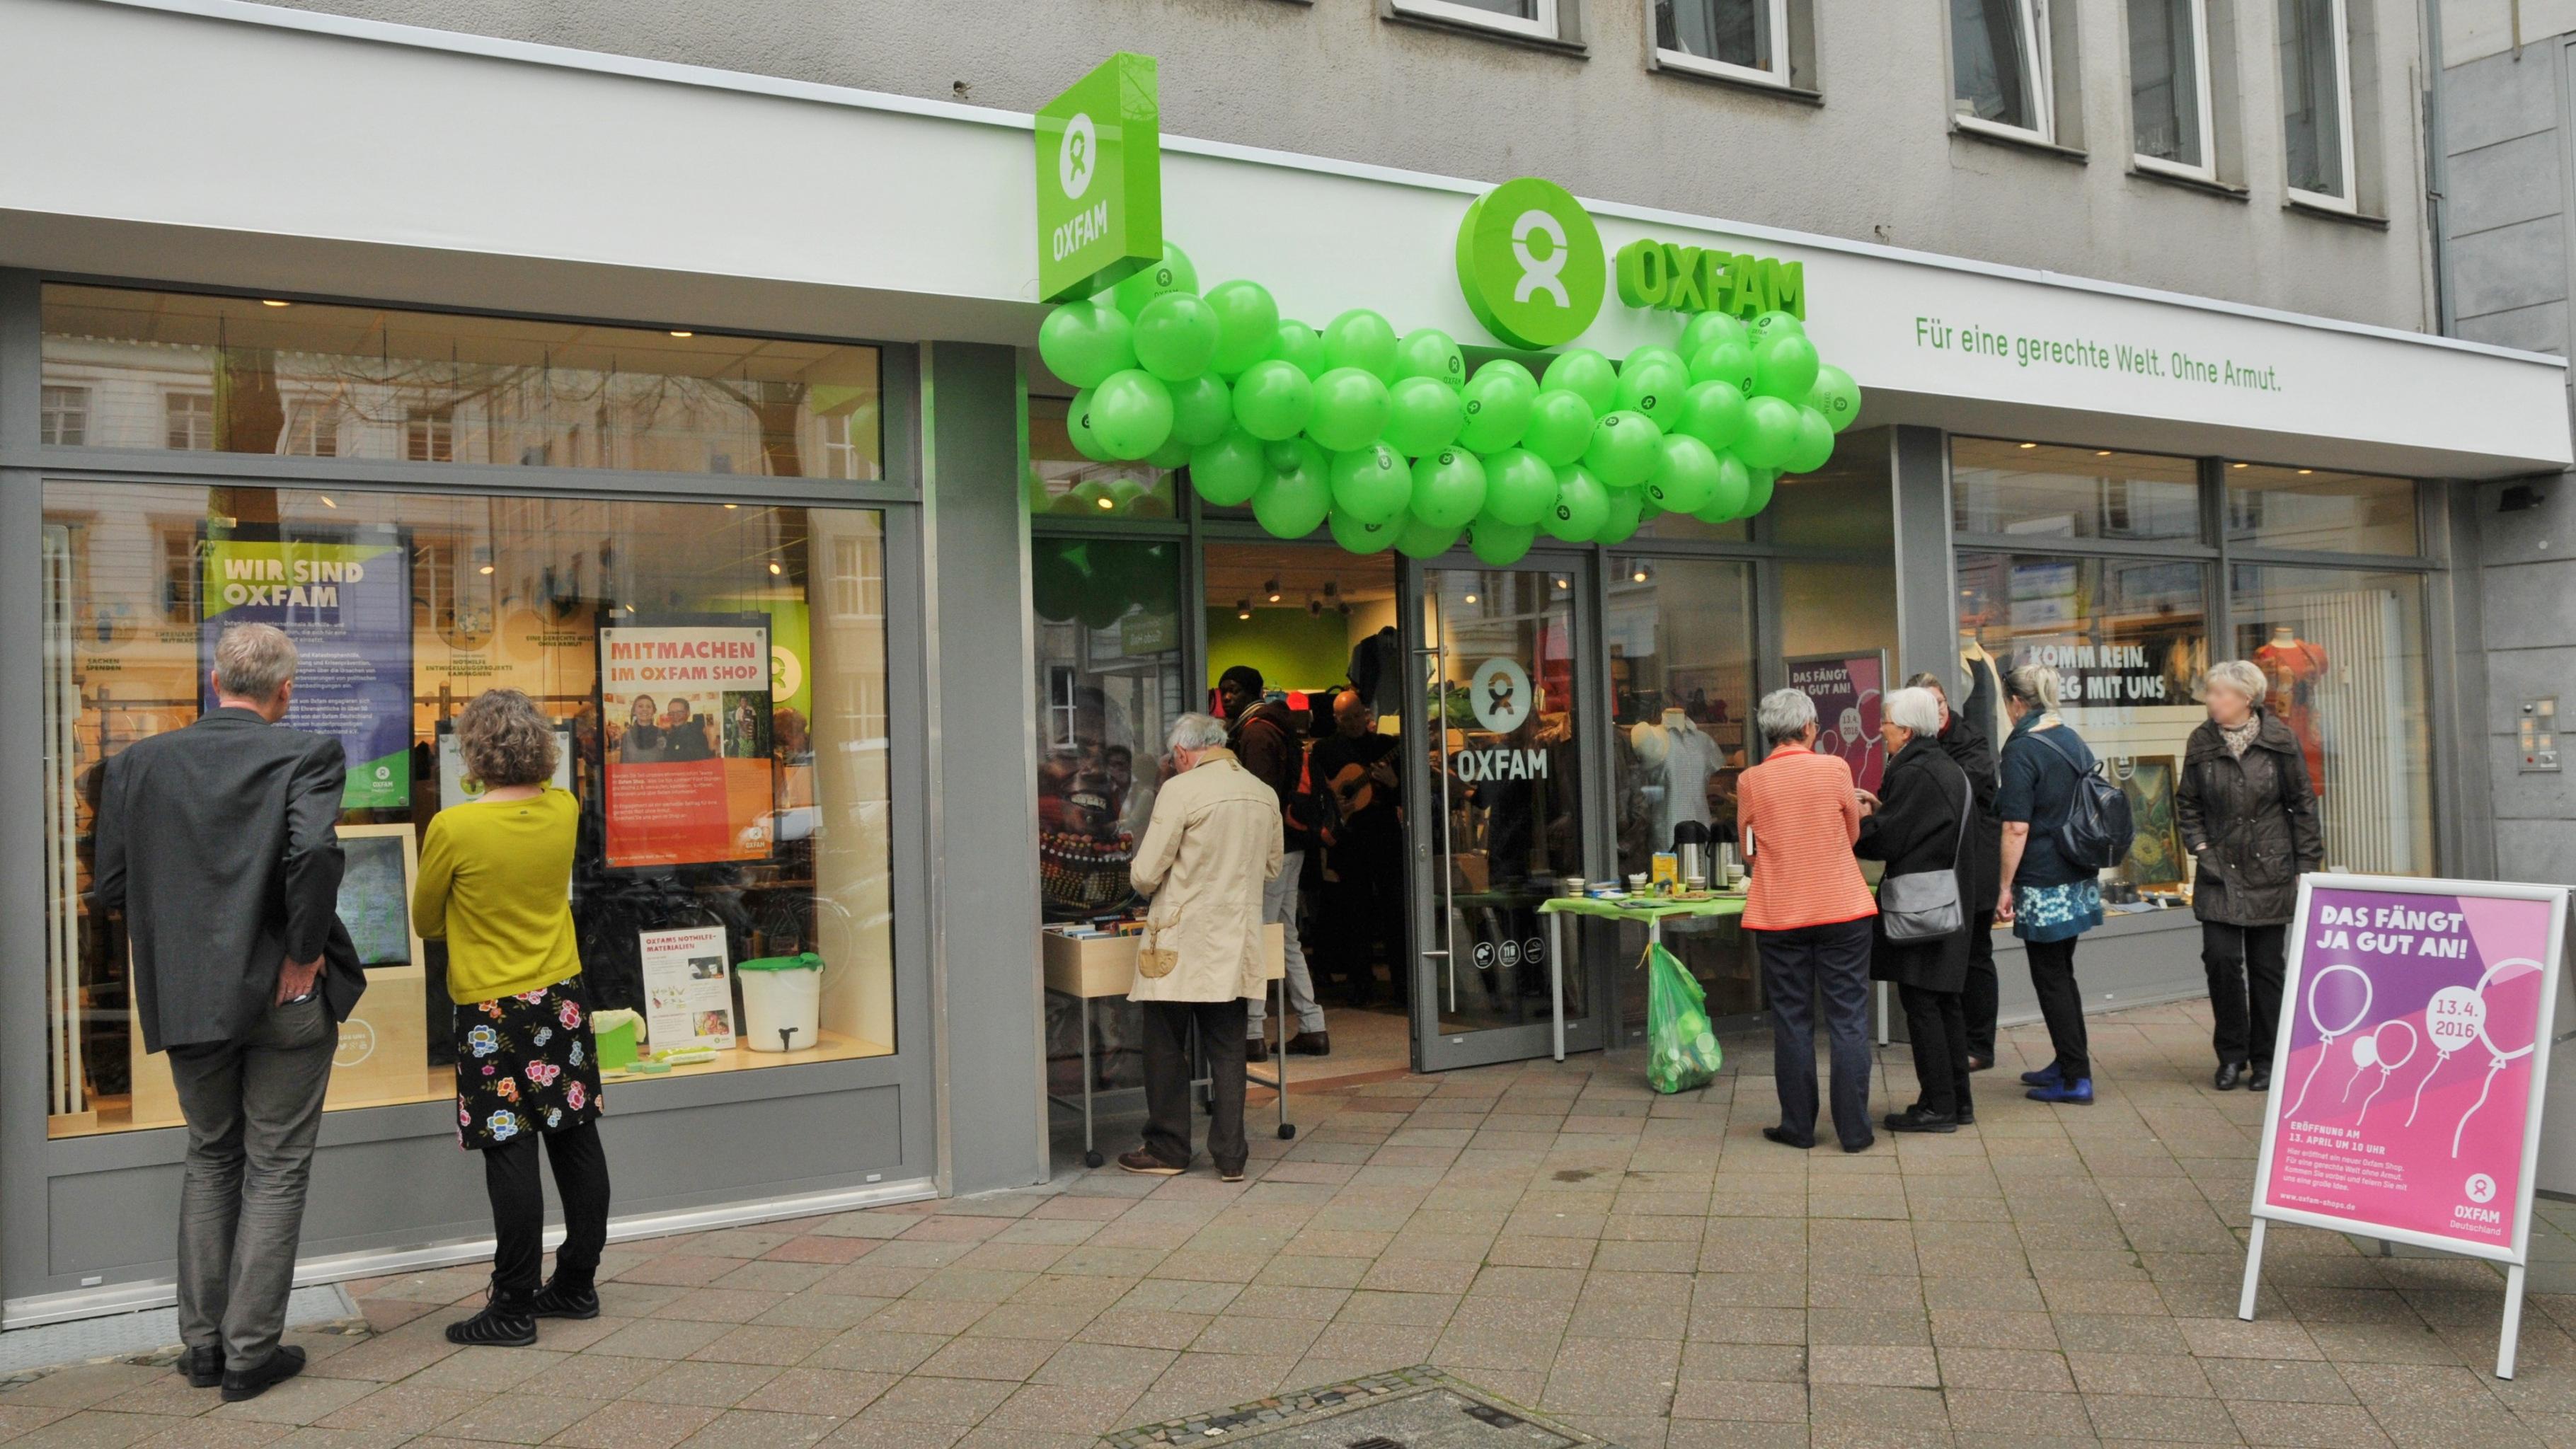 Oxfam Shop Aachen bei der Eröffnung vor fünf Jahren (2016)